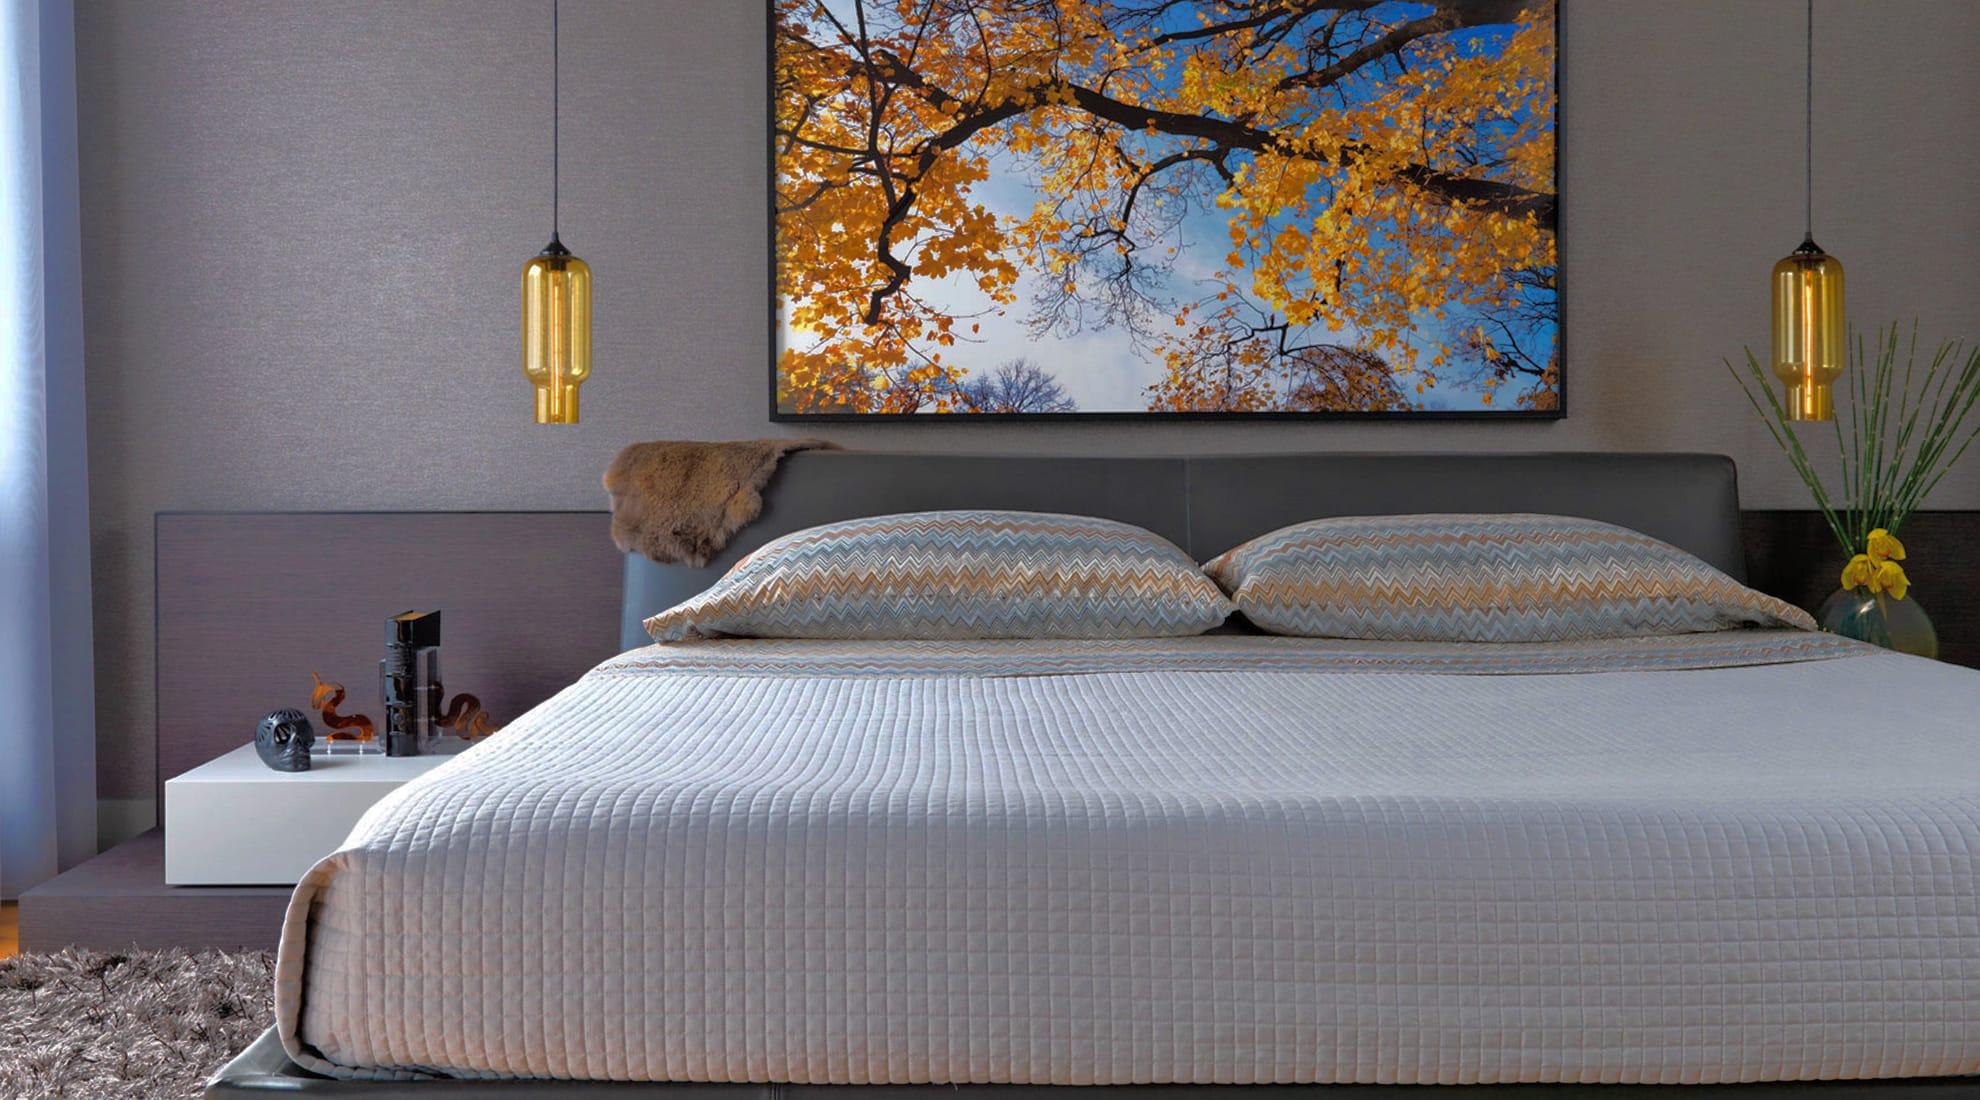 bedside pendant light ideas